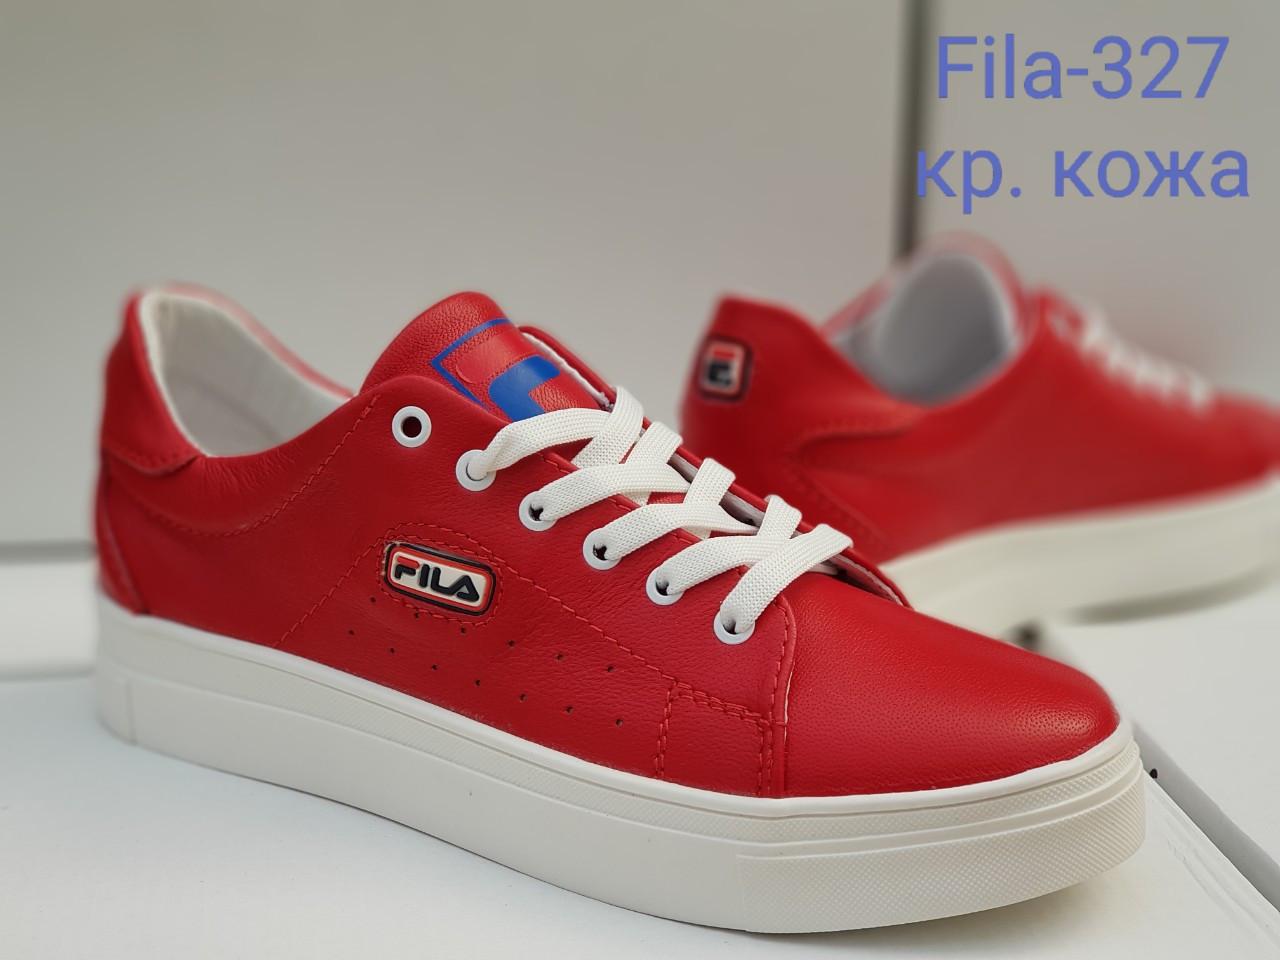 Кроссовки в стиле Fila - 327 кожа красные